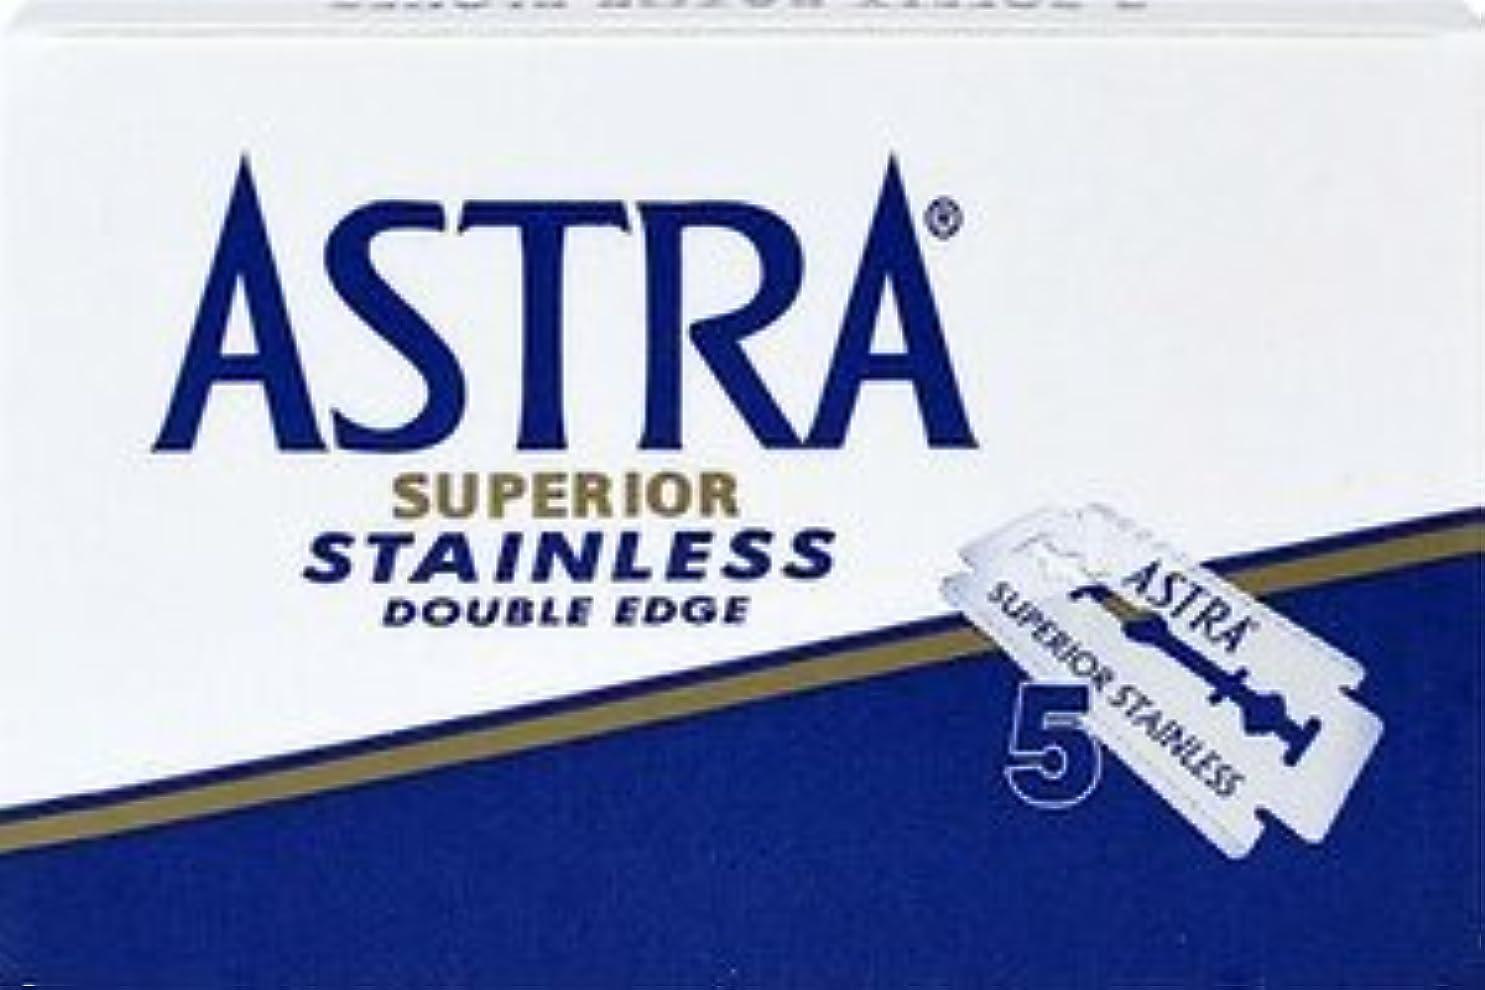 平方プレートデータASTRA Superior Stainless 両刃替刃 5枚入り(5枚入り1 個セット)【並行輸入品】